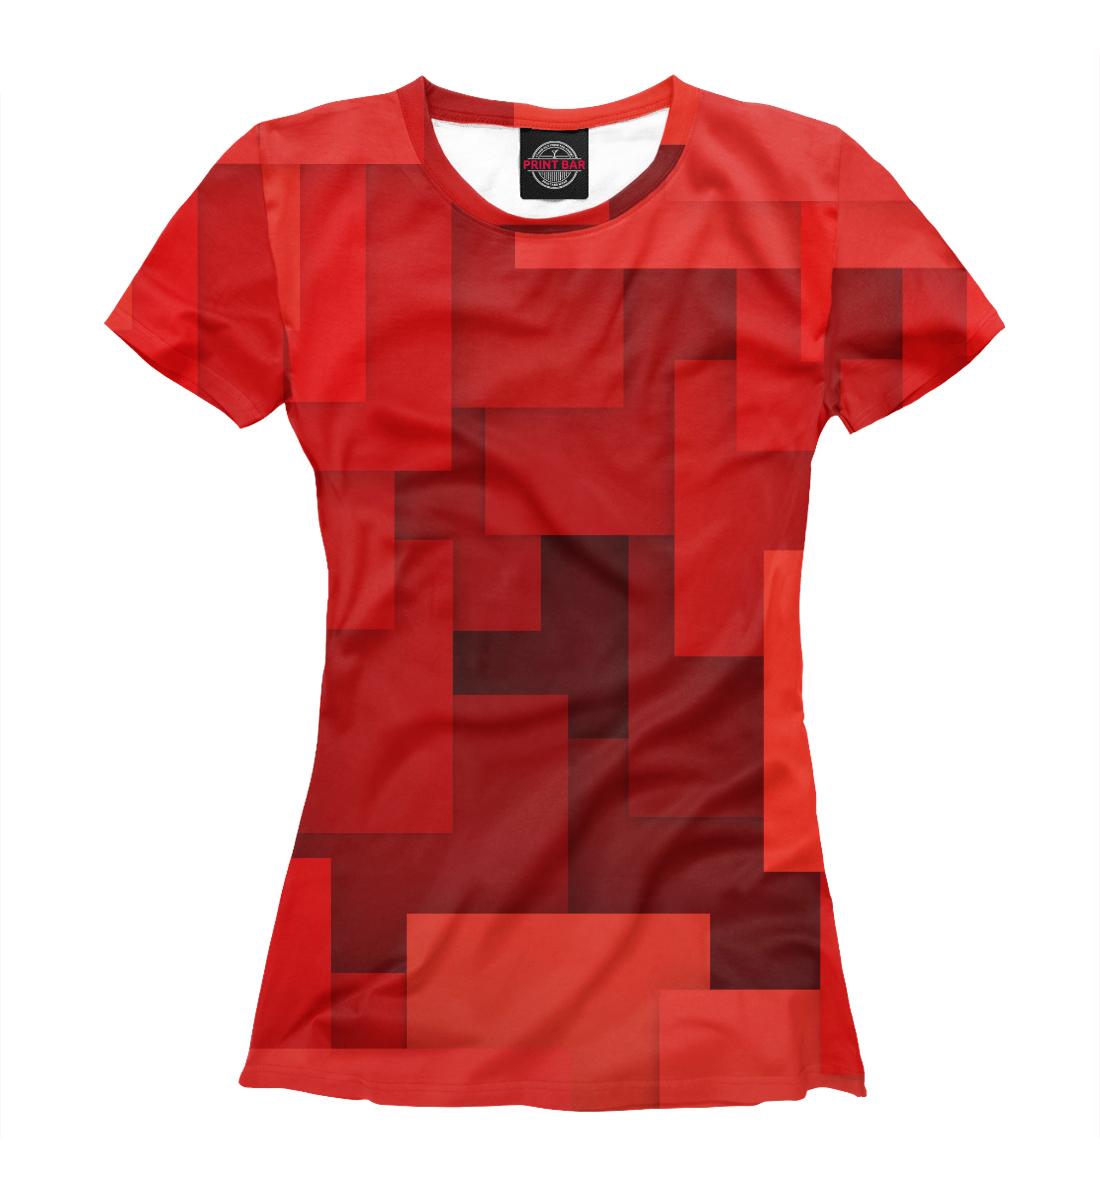 Красная геометрия, Printbar, Футболки, GEO-145270-fut-1  - купить со скидкой